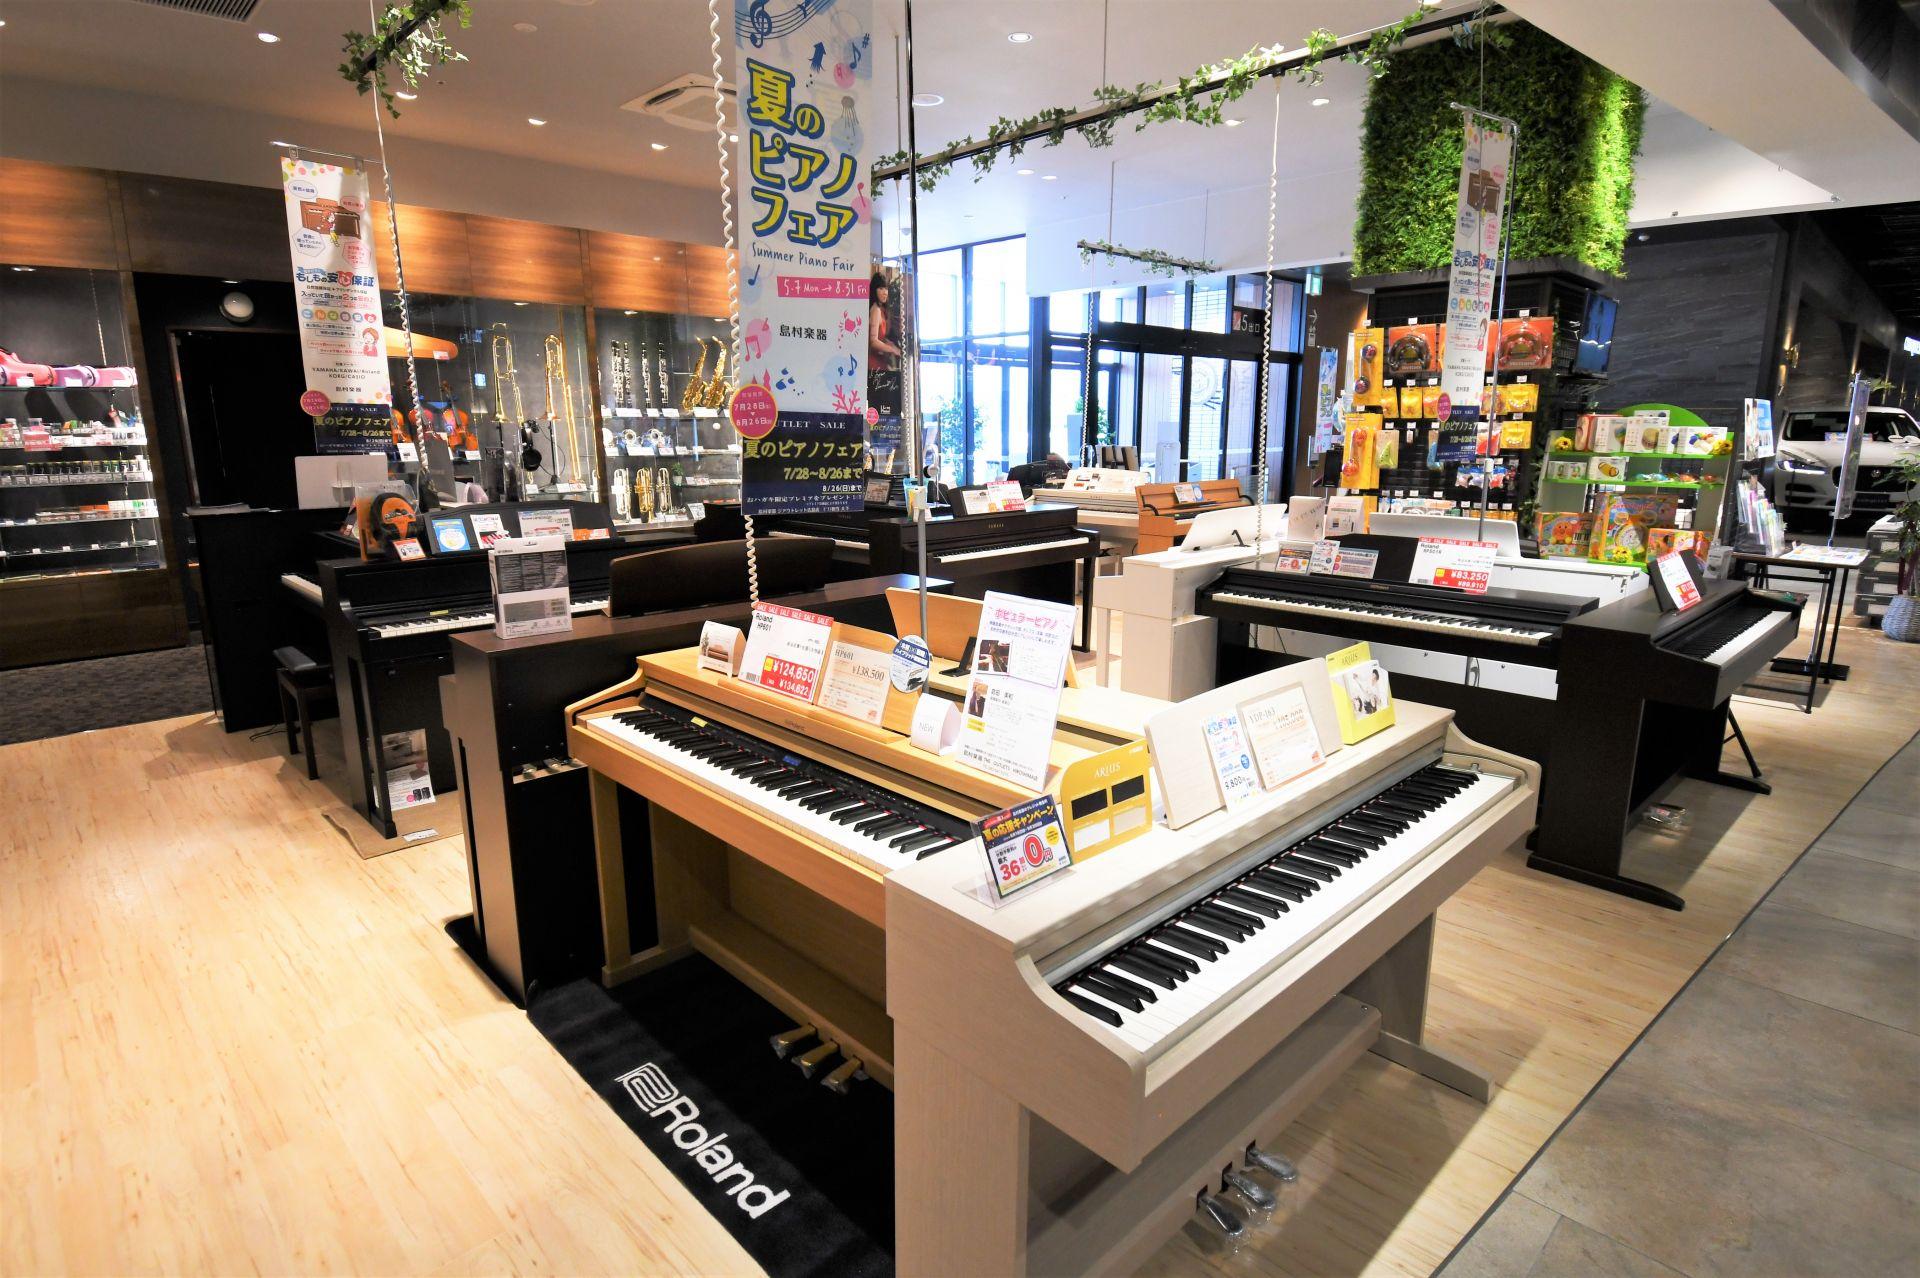 島村楽器 アウトレット広島店 電子ピアノ総合案内ページ アウトレット電子ピアノ